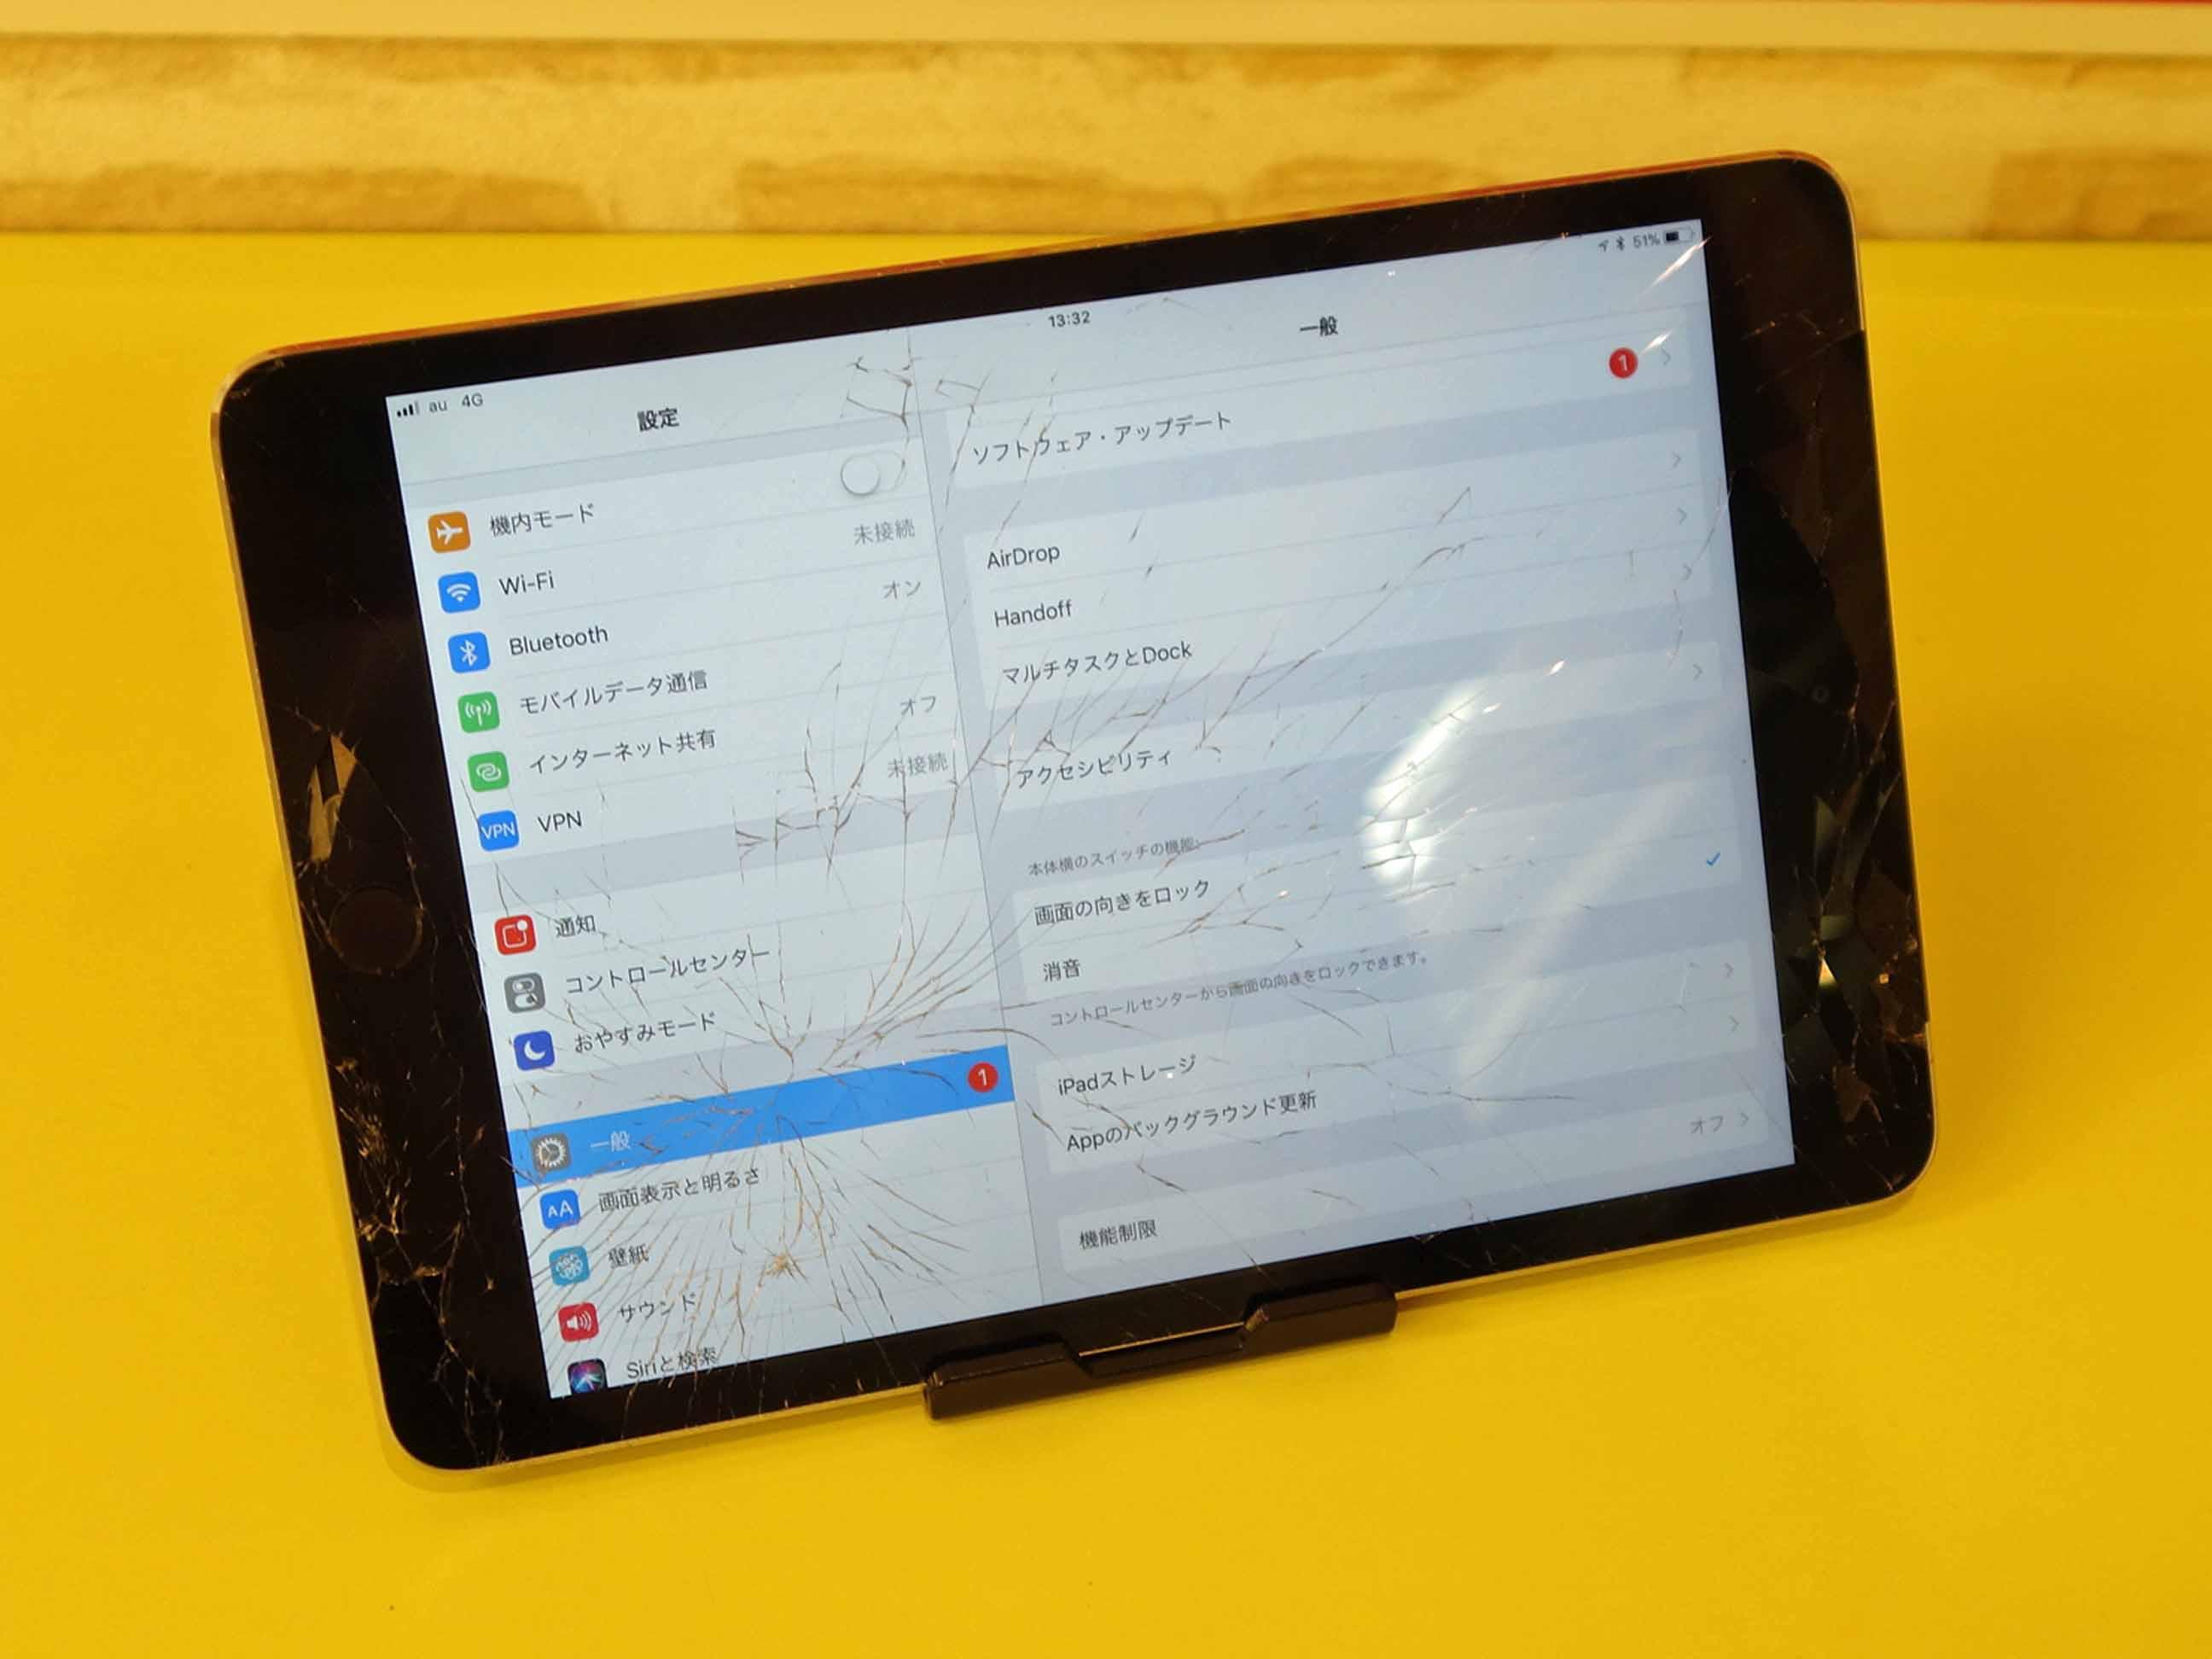 iPadmini3のガラス交換修理に長久手市よりご来店!アイフォン修理のクイック名古屋